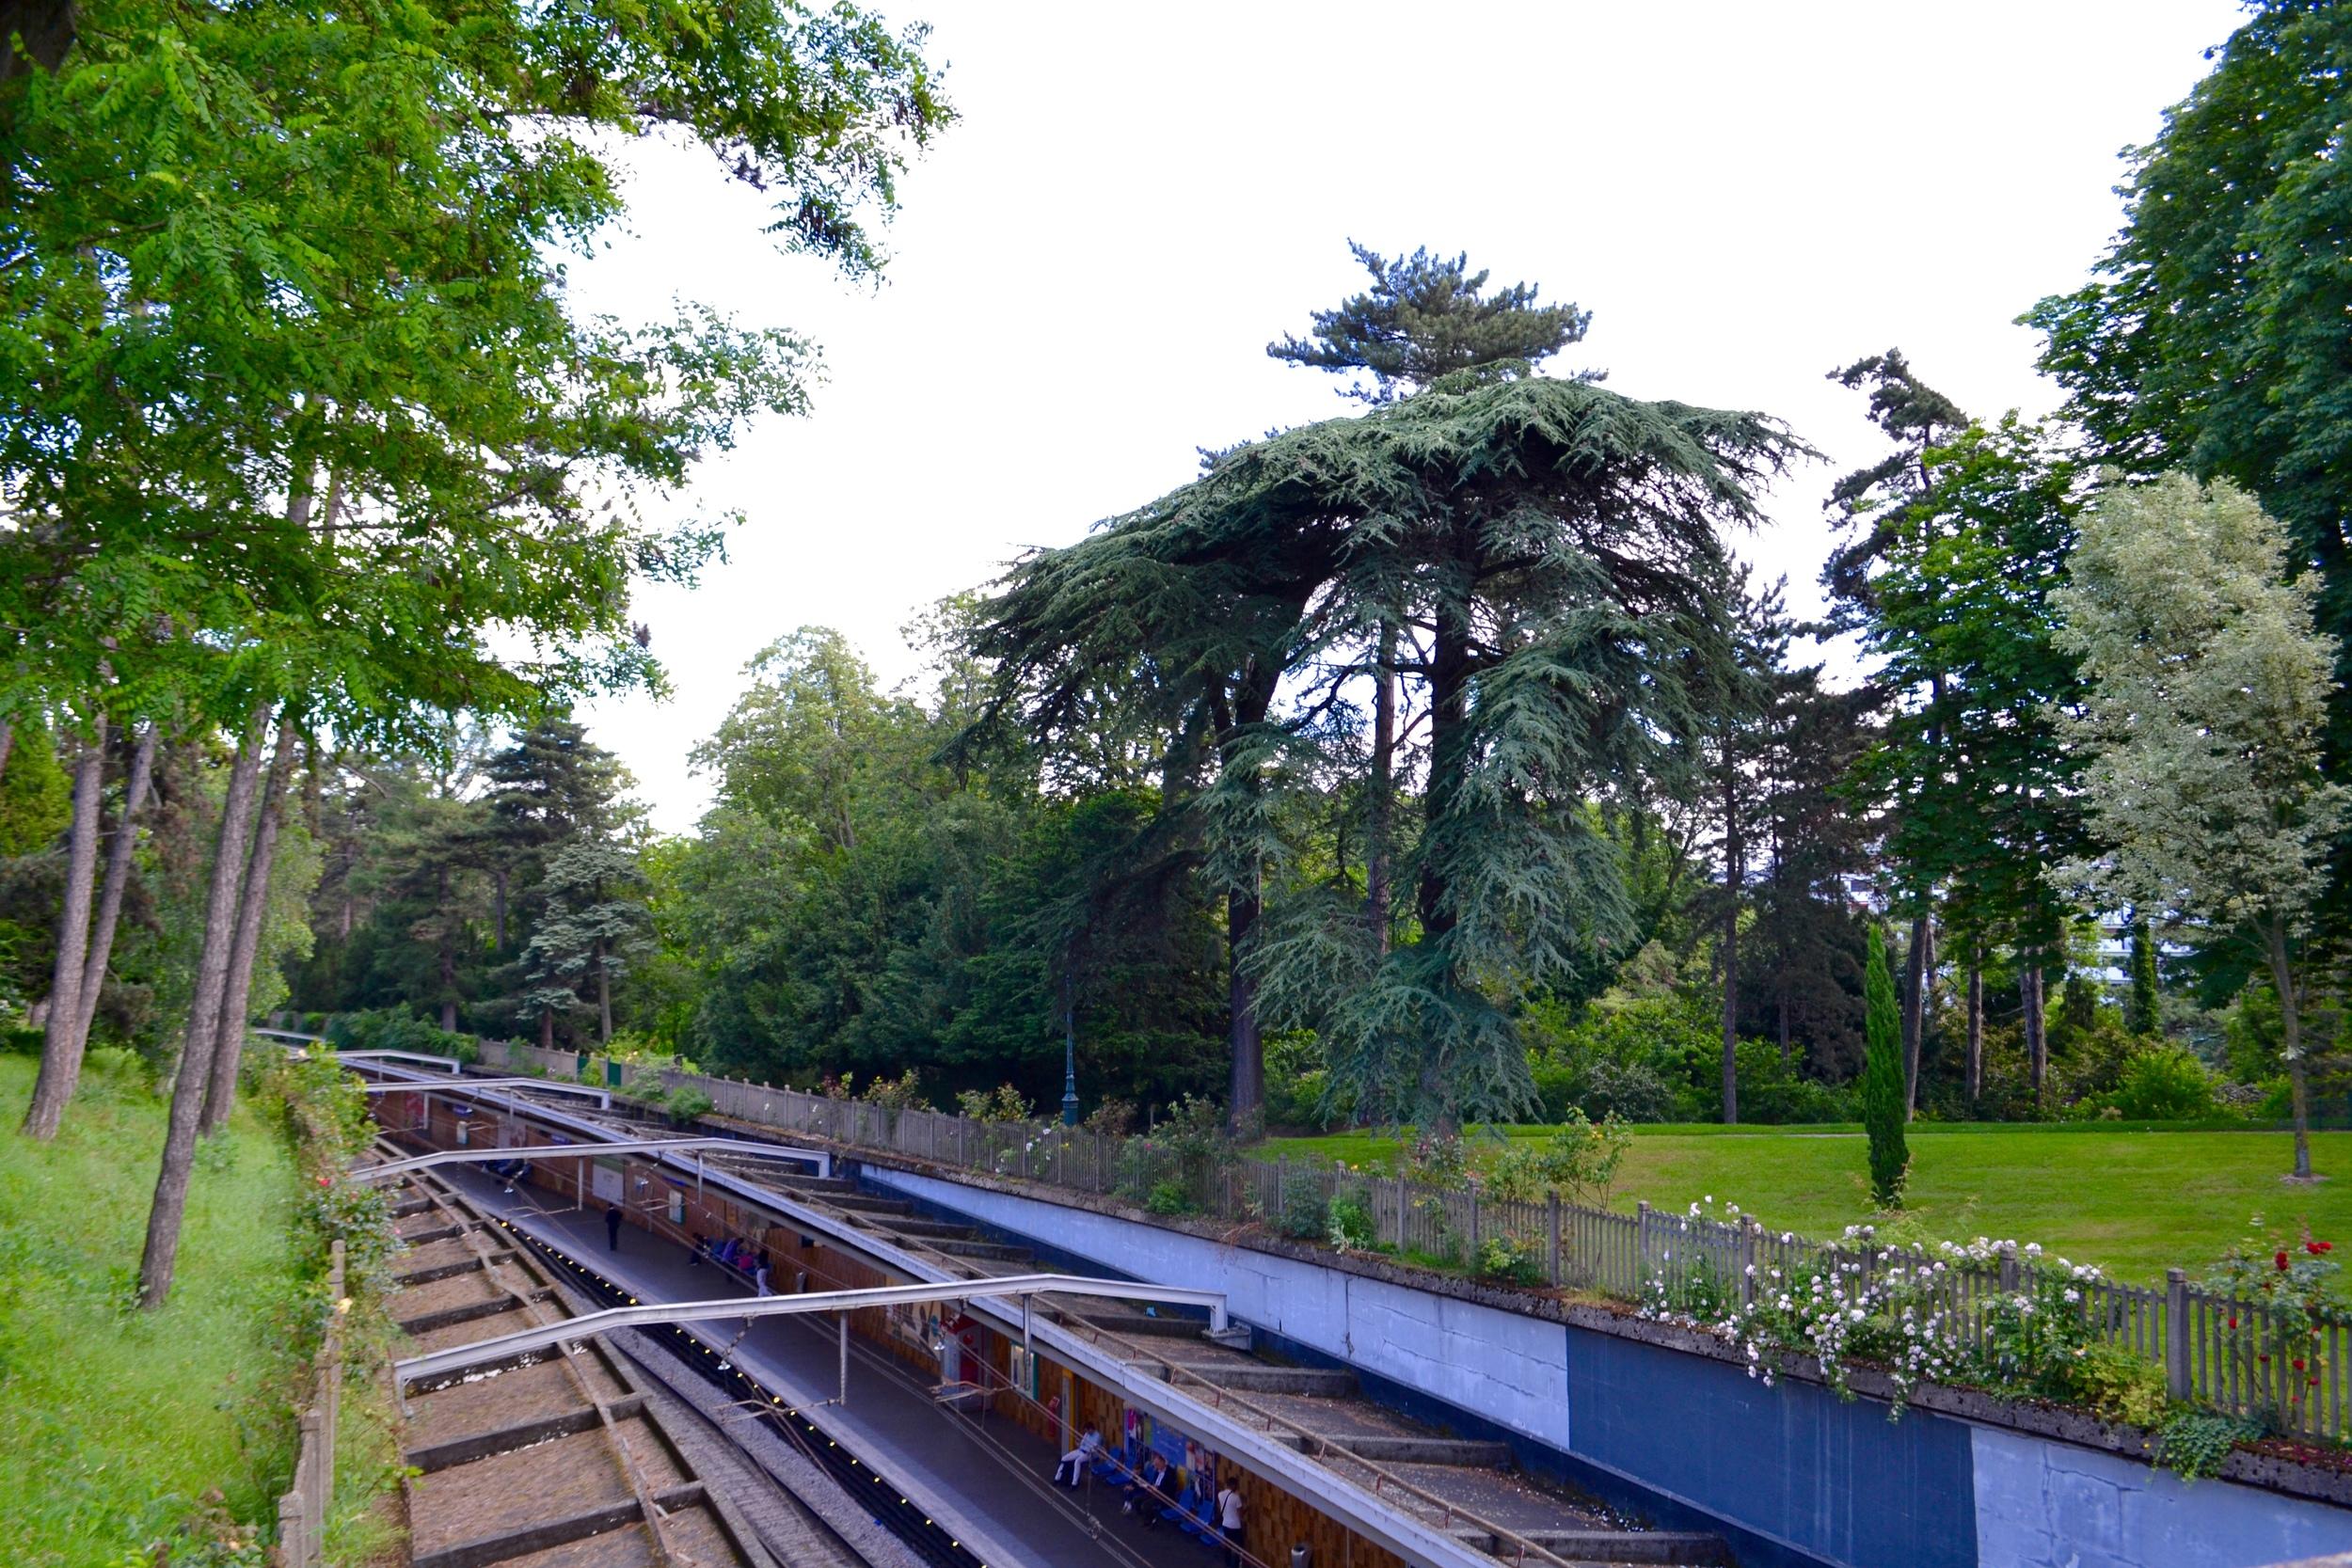 The RER B at Cité Universitaire